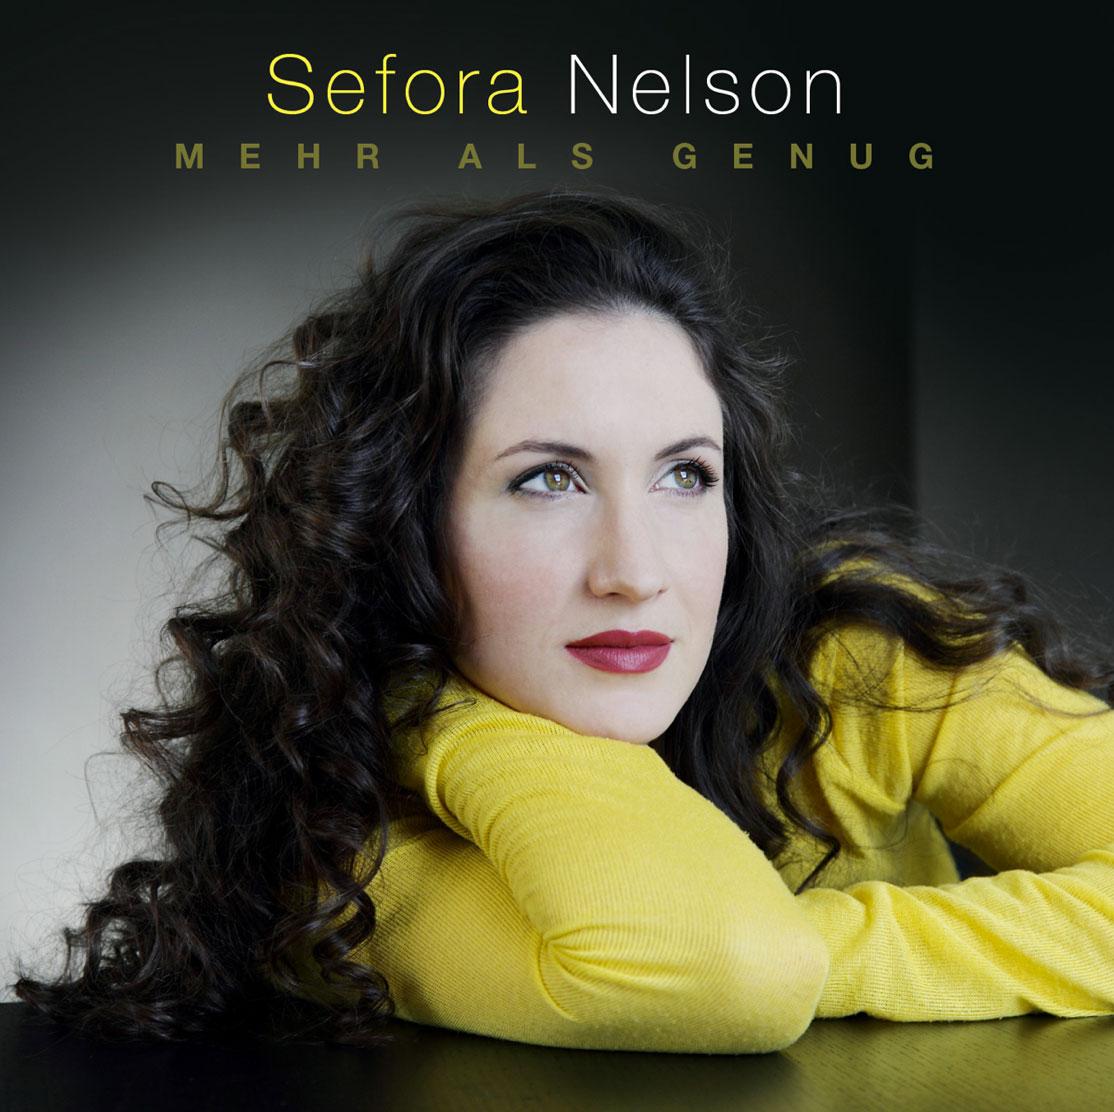 Für Sefora Nelson gestaltete 75a die CD